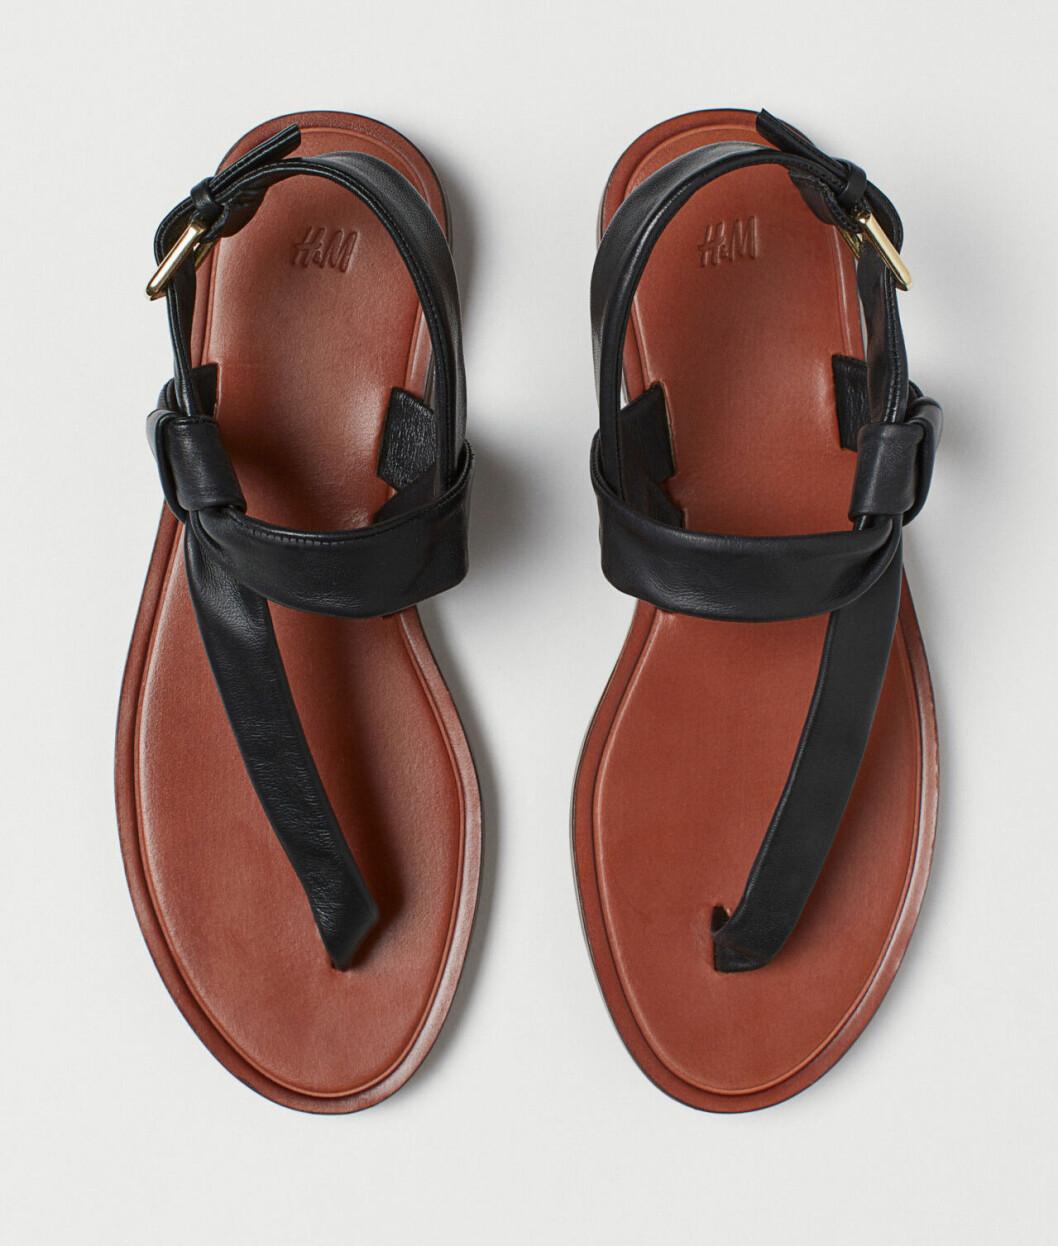 Svarta billiga sandaler för dam till sommaren 2019